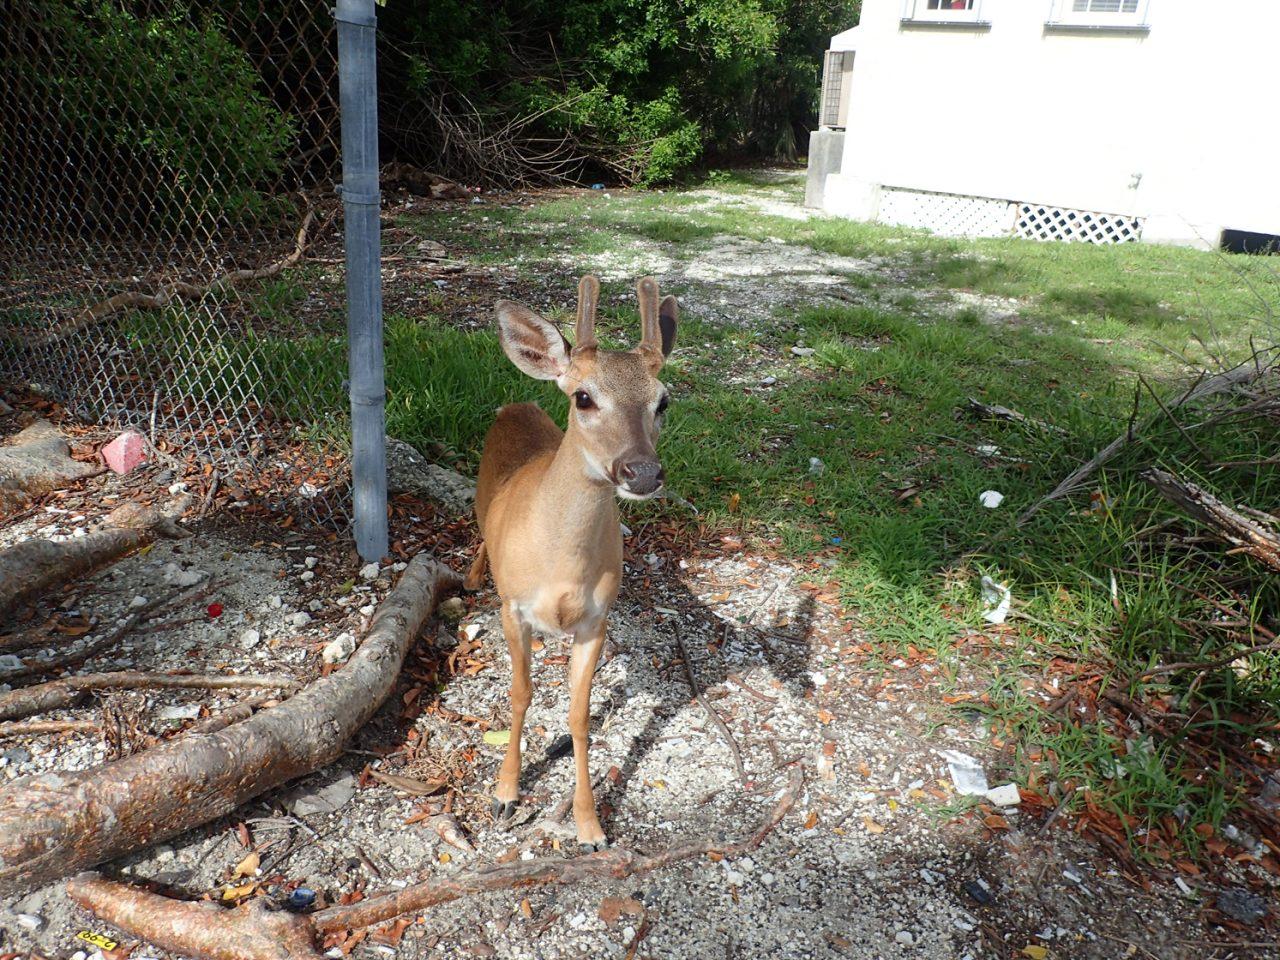 Key deer at Tom Thumb